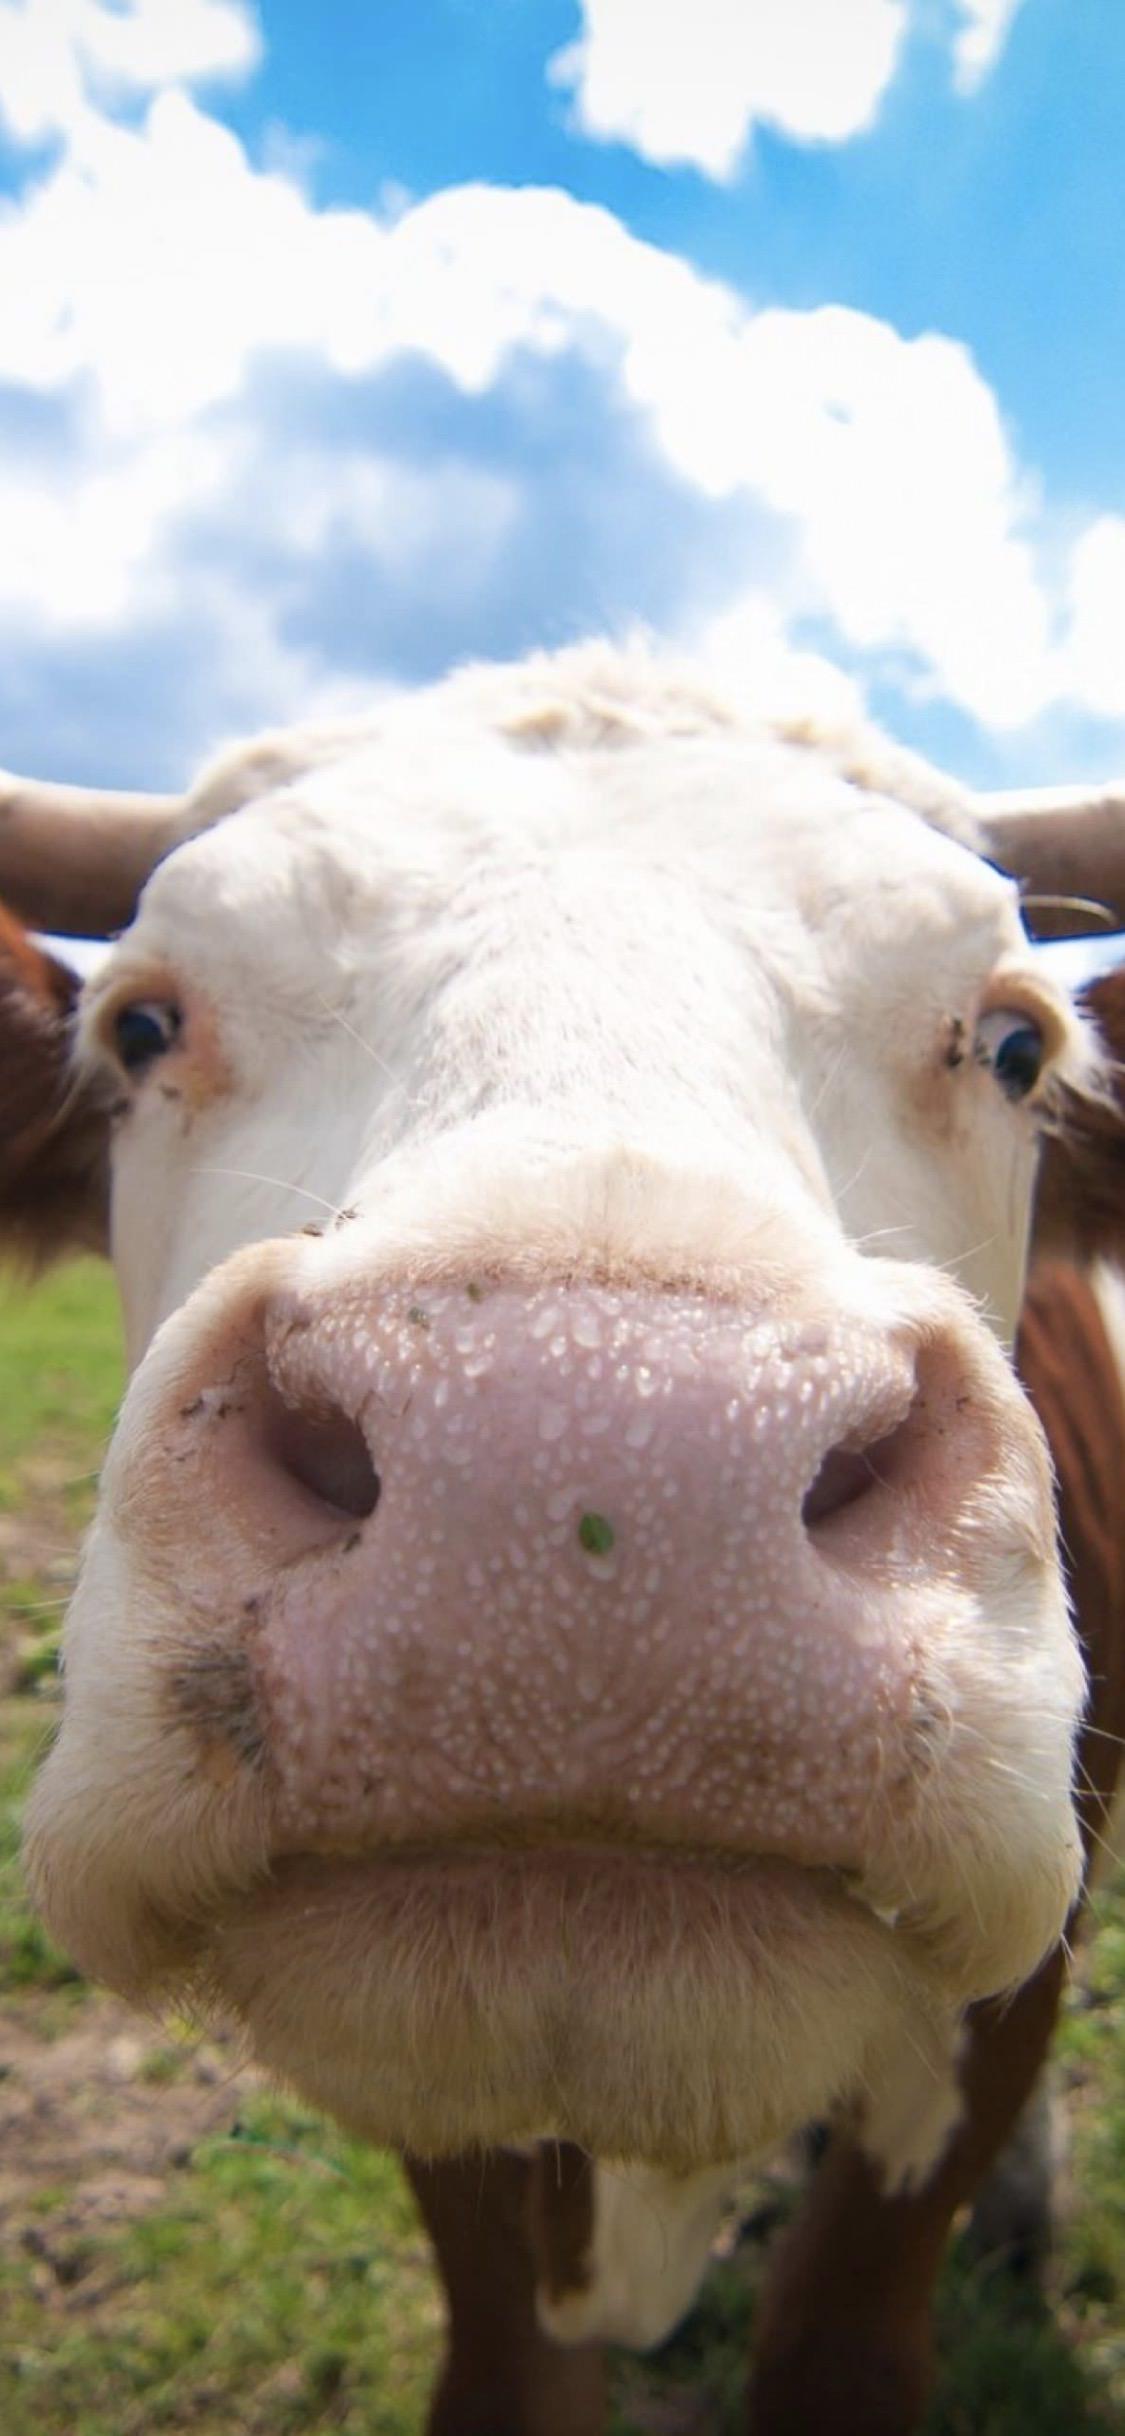 Una simpatica mucca - Sfondi per iPhone, i migliori da scaricare gratis